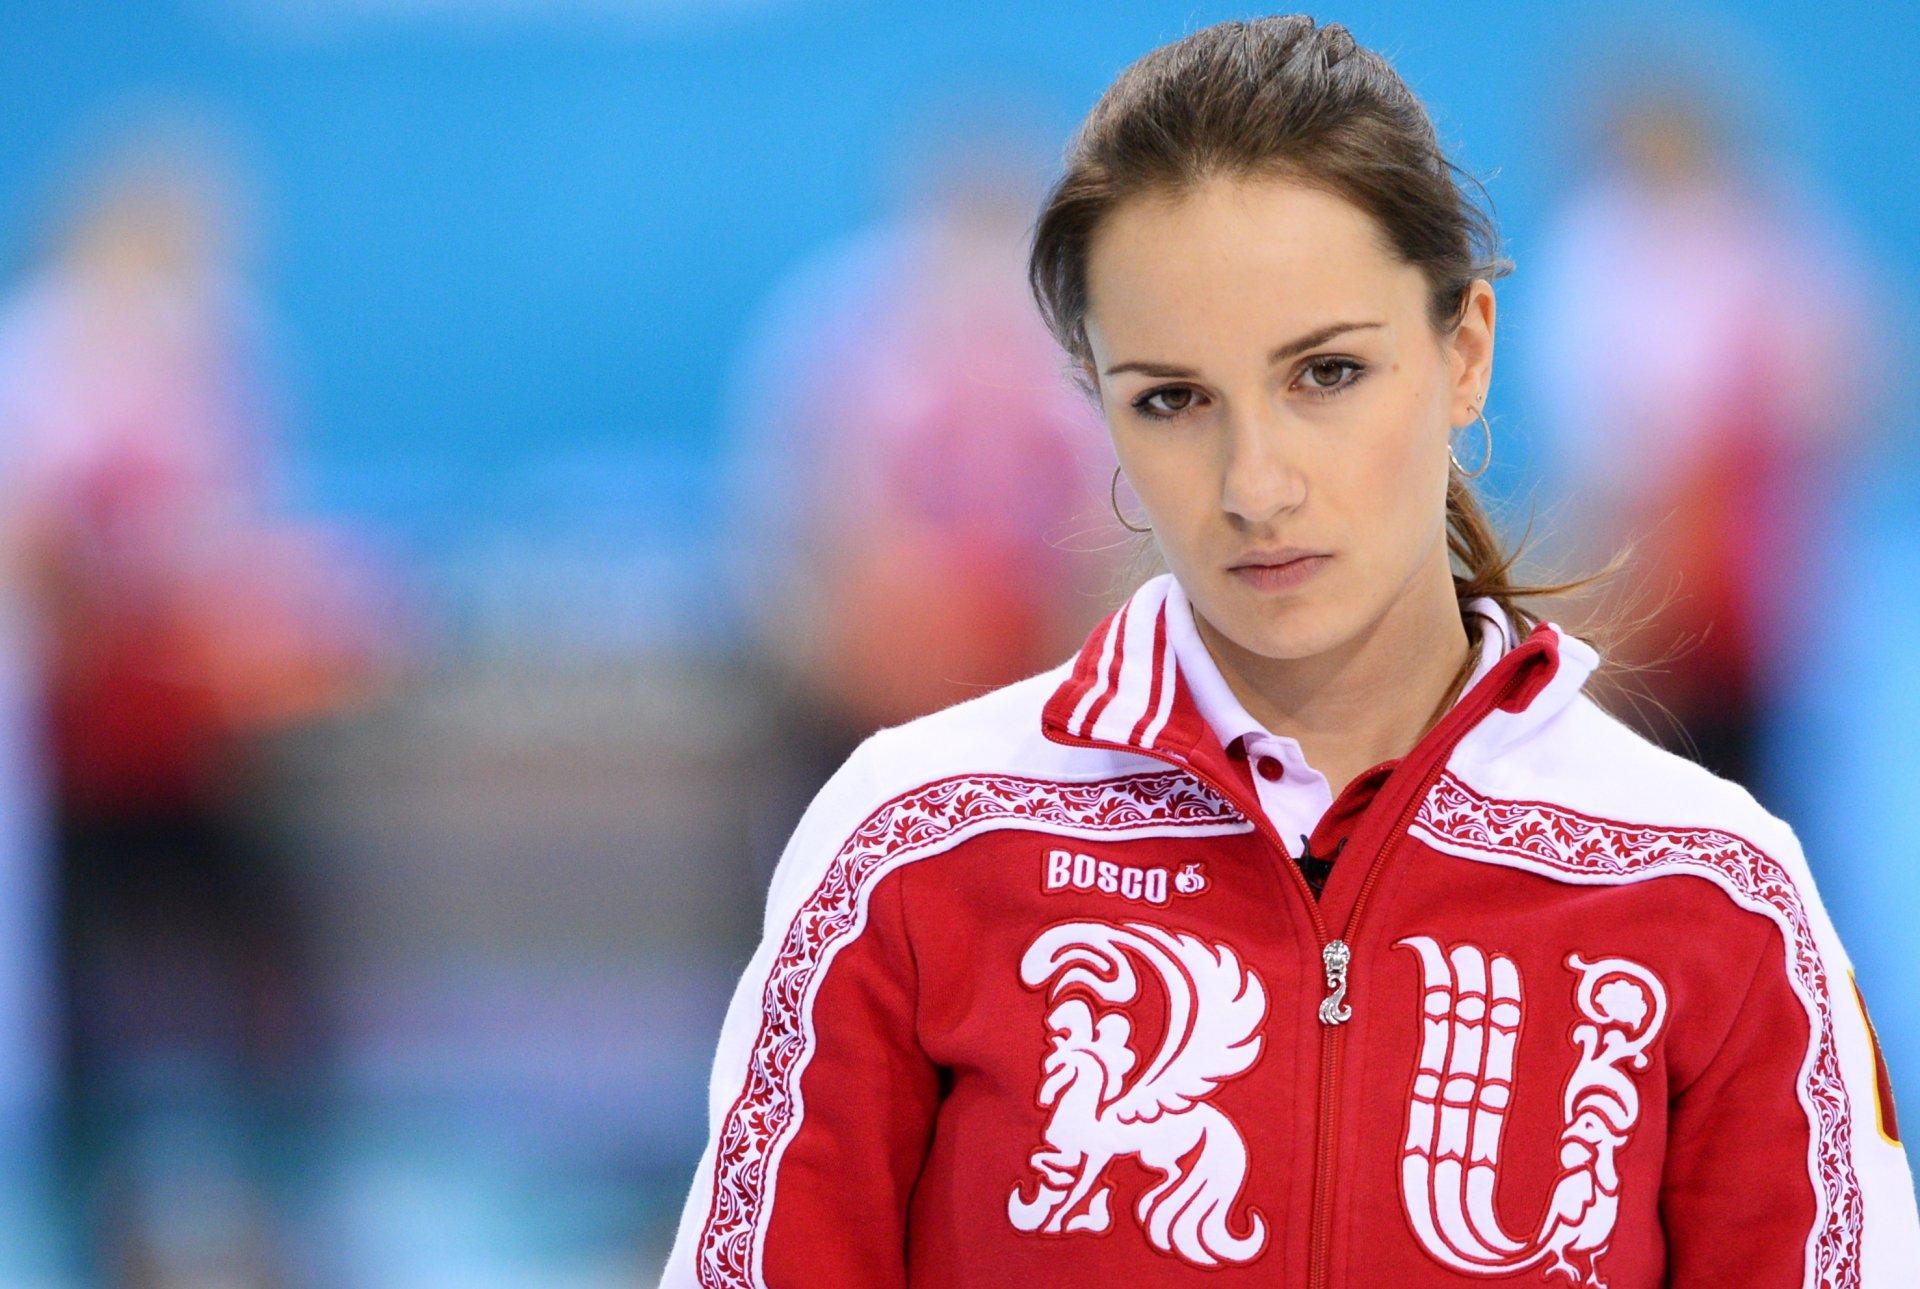 Фото 18 спортсменок, Спортивные девушки -фото. Спортсменки 24 фотография